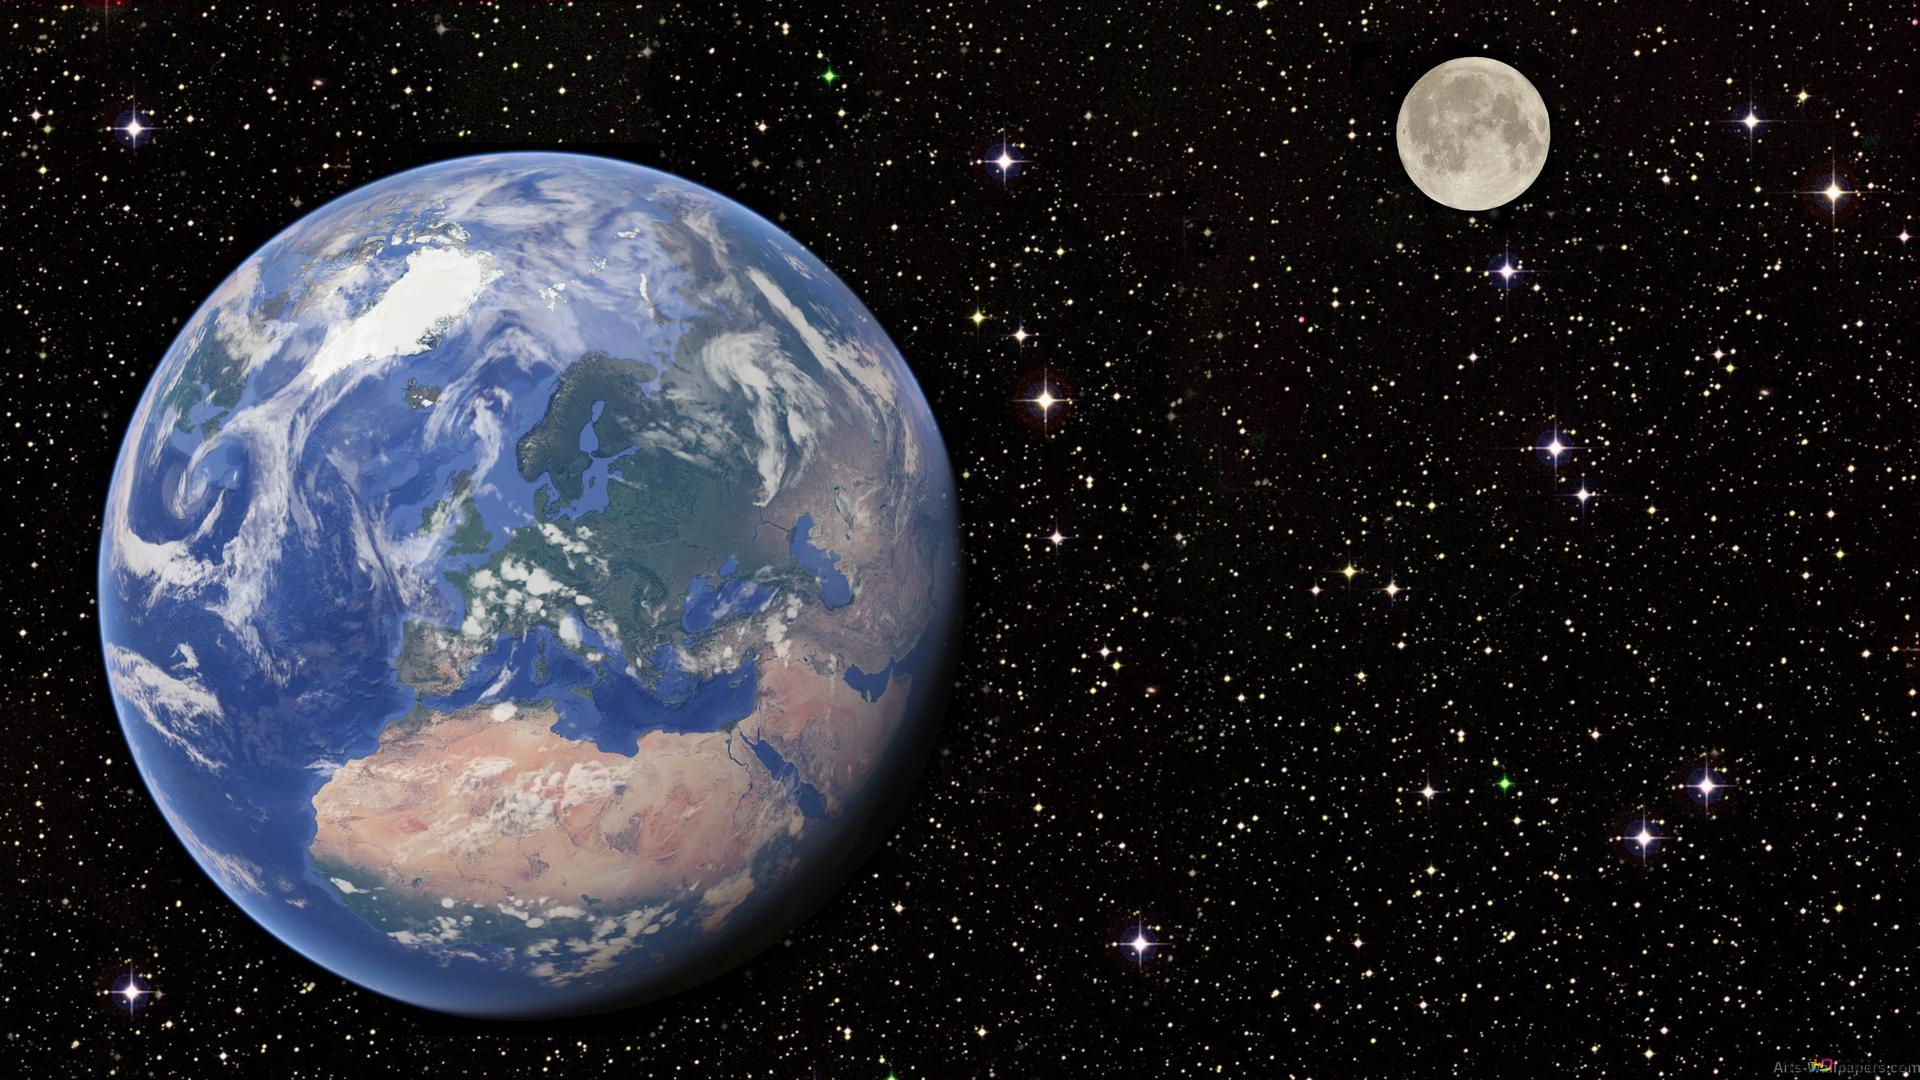 Dans L Espace La Terre Et La Lune Hd Fond D Ecran Telecharger